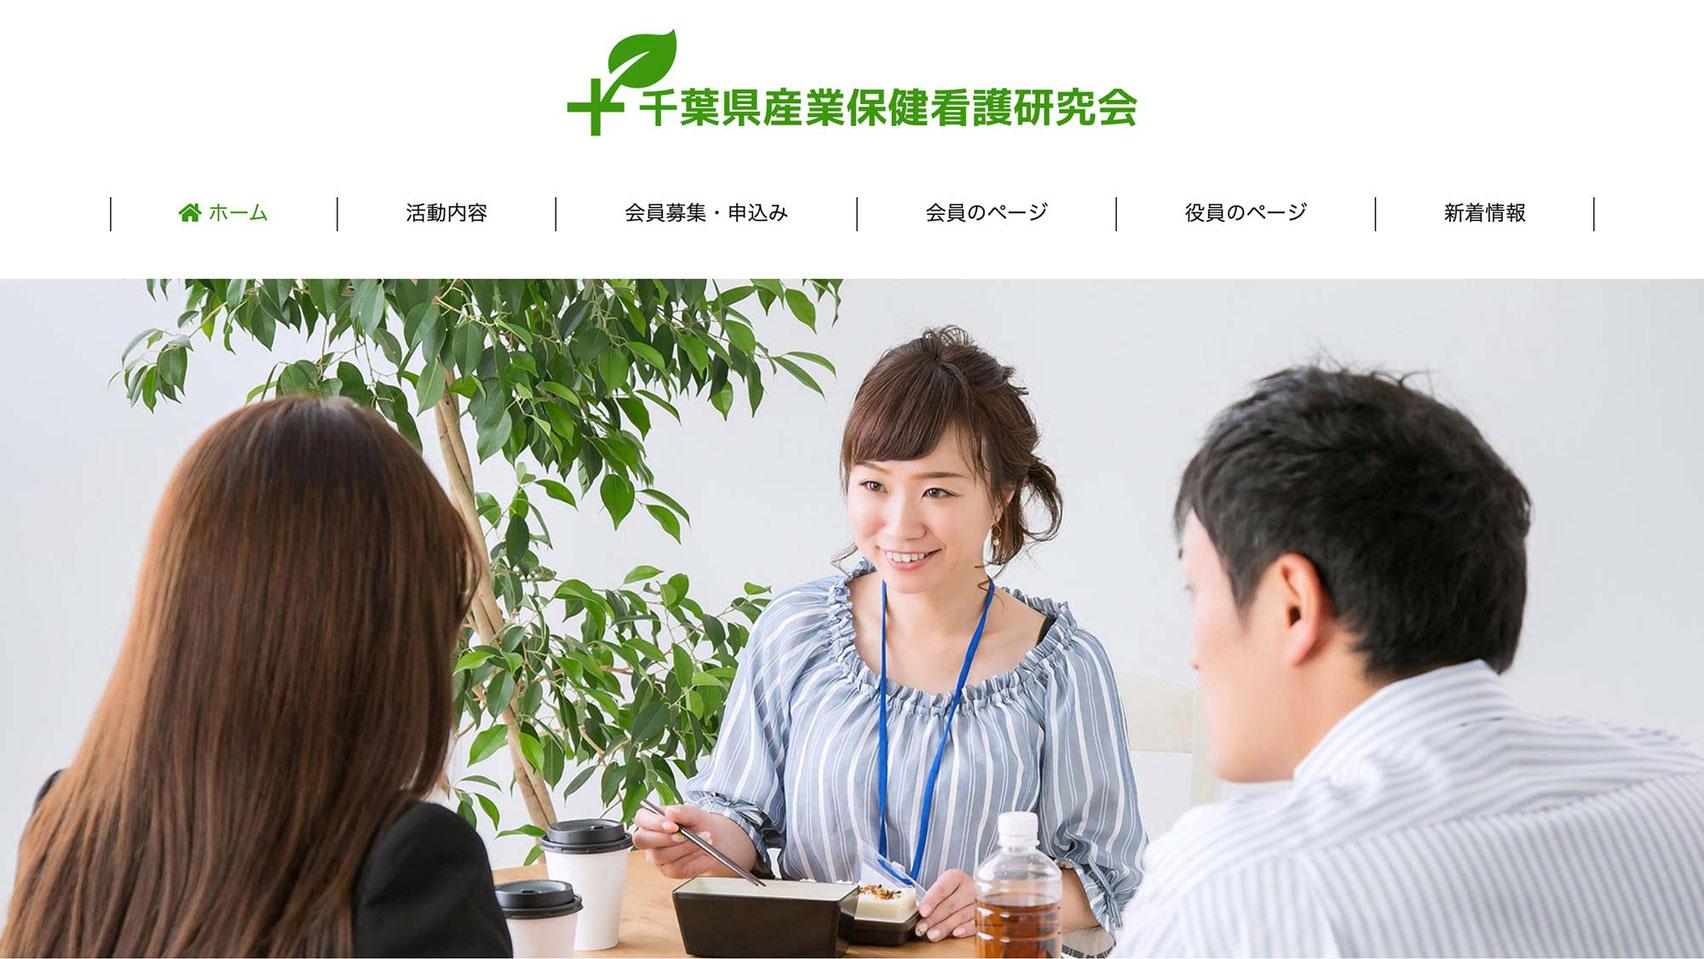 ジンドゥーカスタマイズ制作実績 − 千葉県産業保健看護研究会様